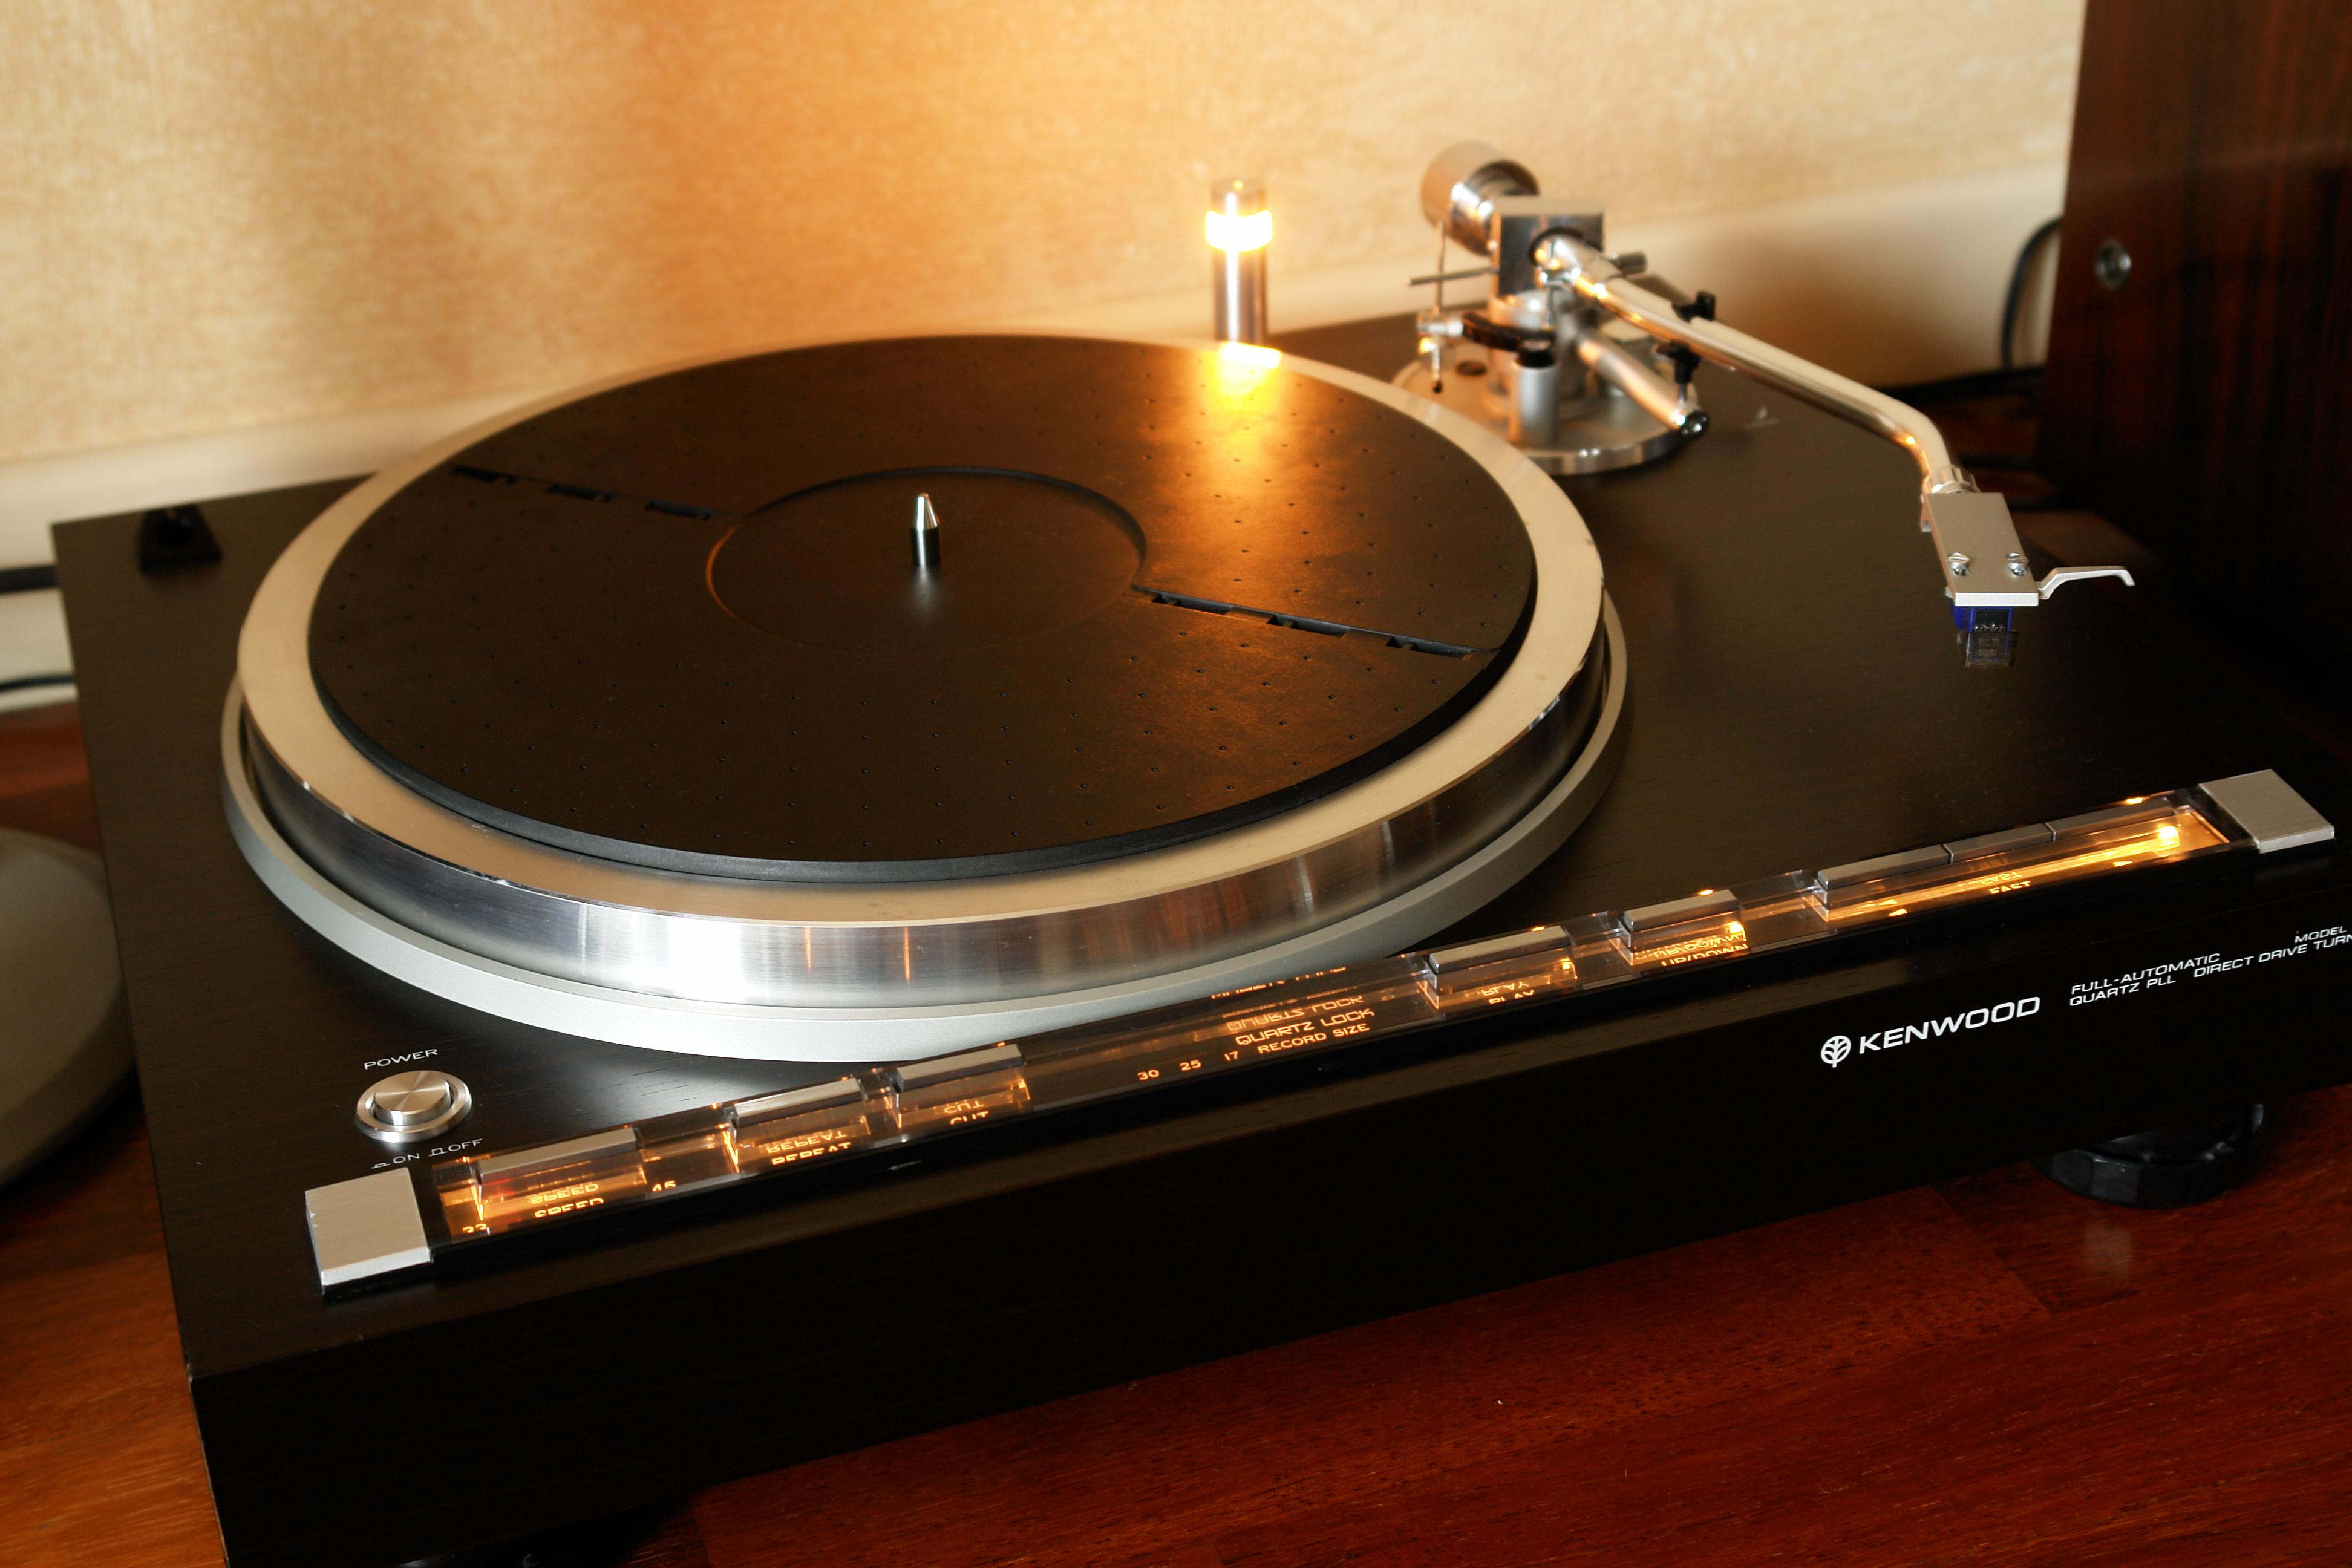 Gramofon firmy Kenwood. Po odnowieniu wygląda jak nowy  (fot. Nomos)